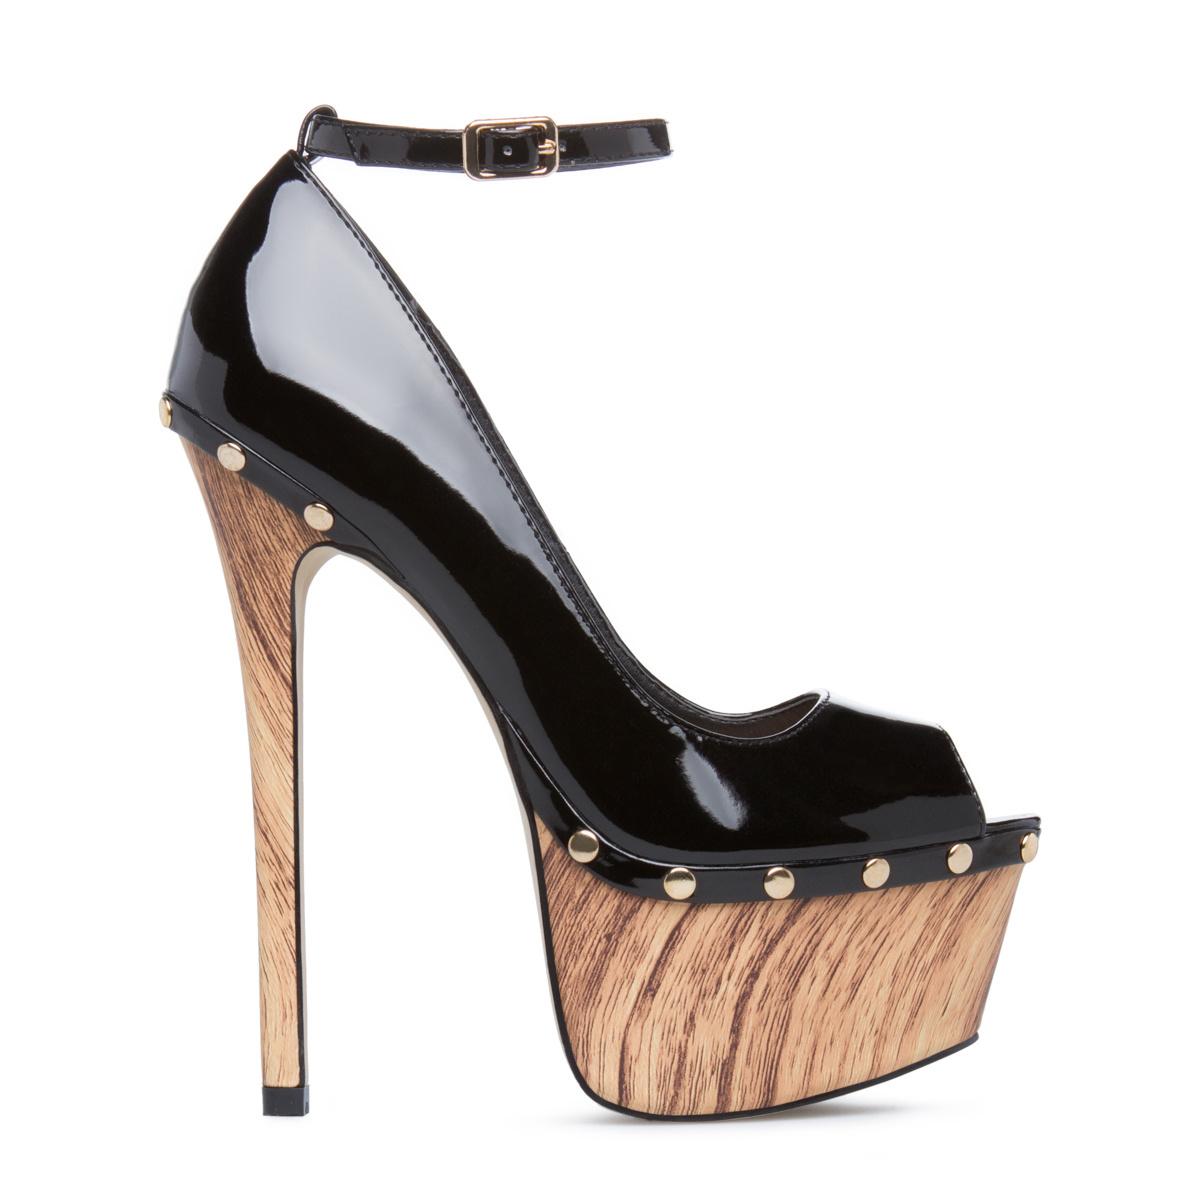 Women's Pumps, High Heel Shoes, Women's Strappy Heels, Discount ...